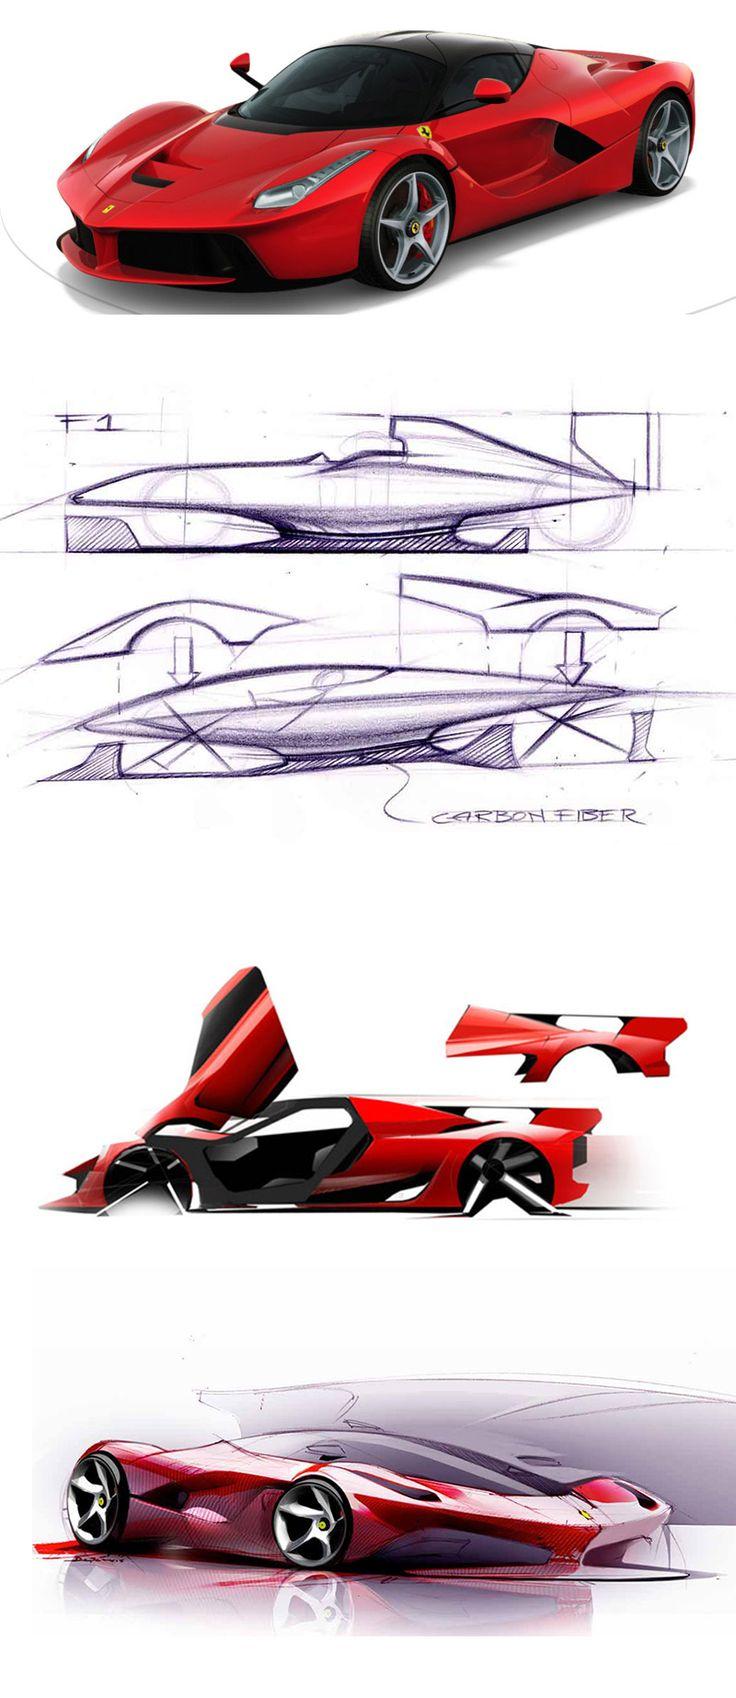 Ferrari - Great supercar design sketches & 3D